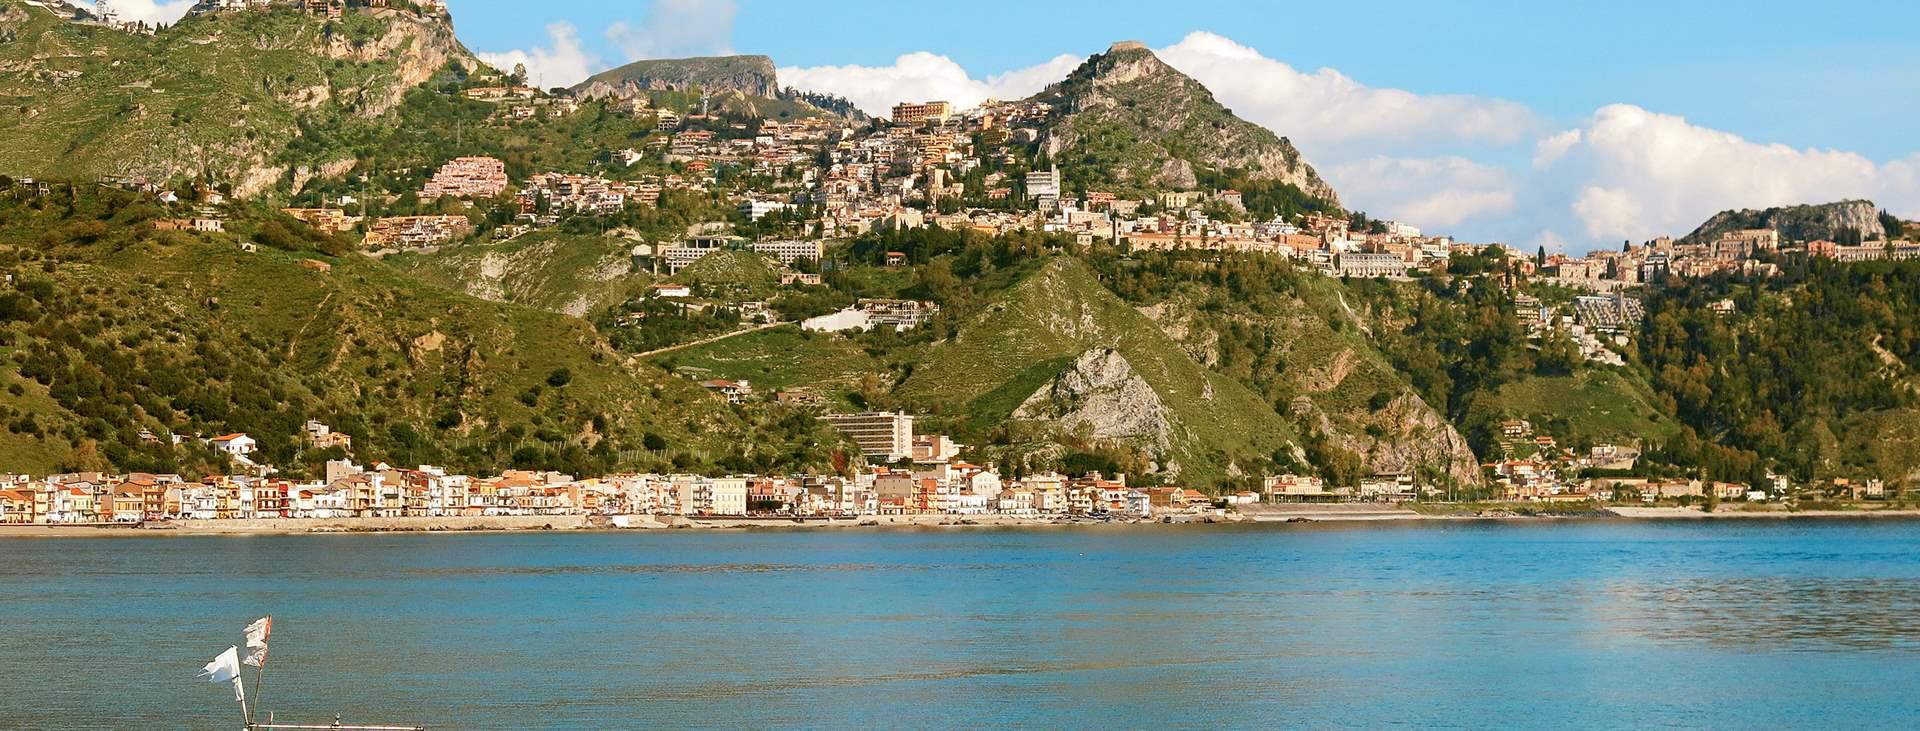 Lähde Giardini-Naxokseen, Sisiliaan, Italiaan